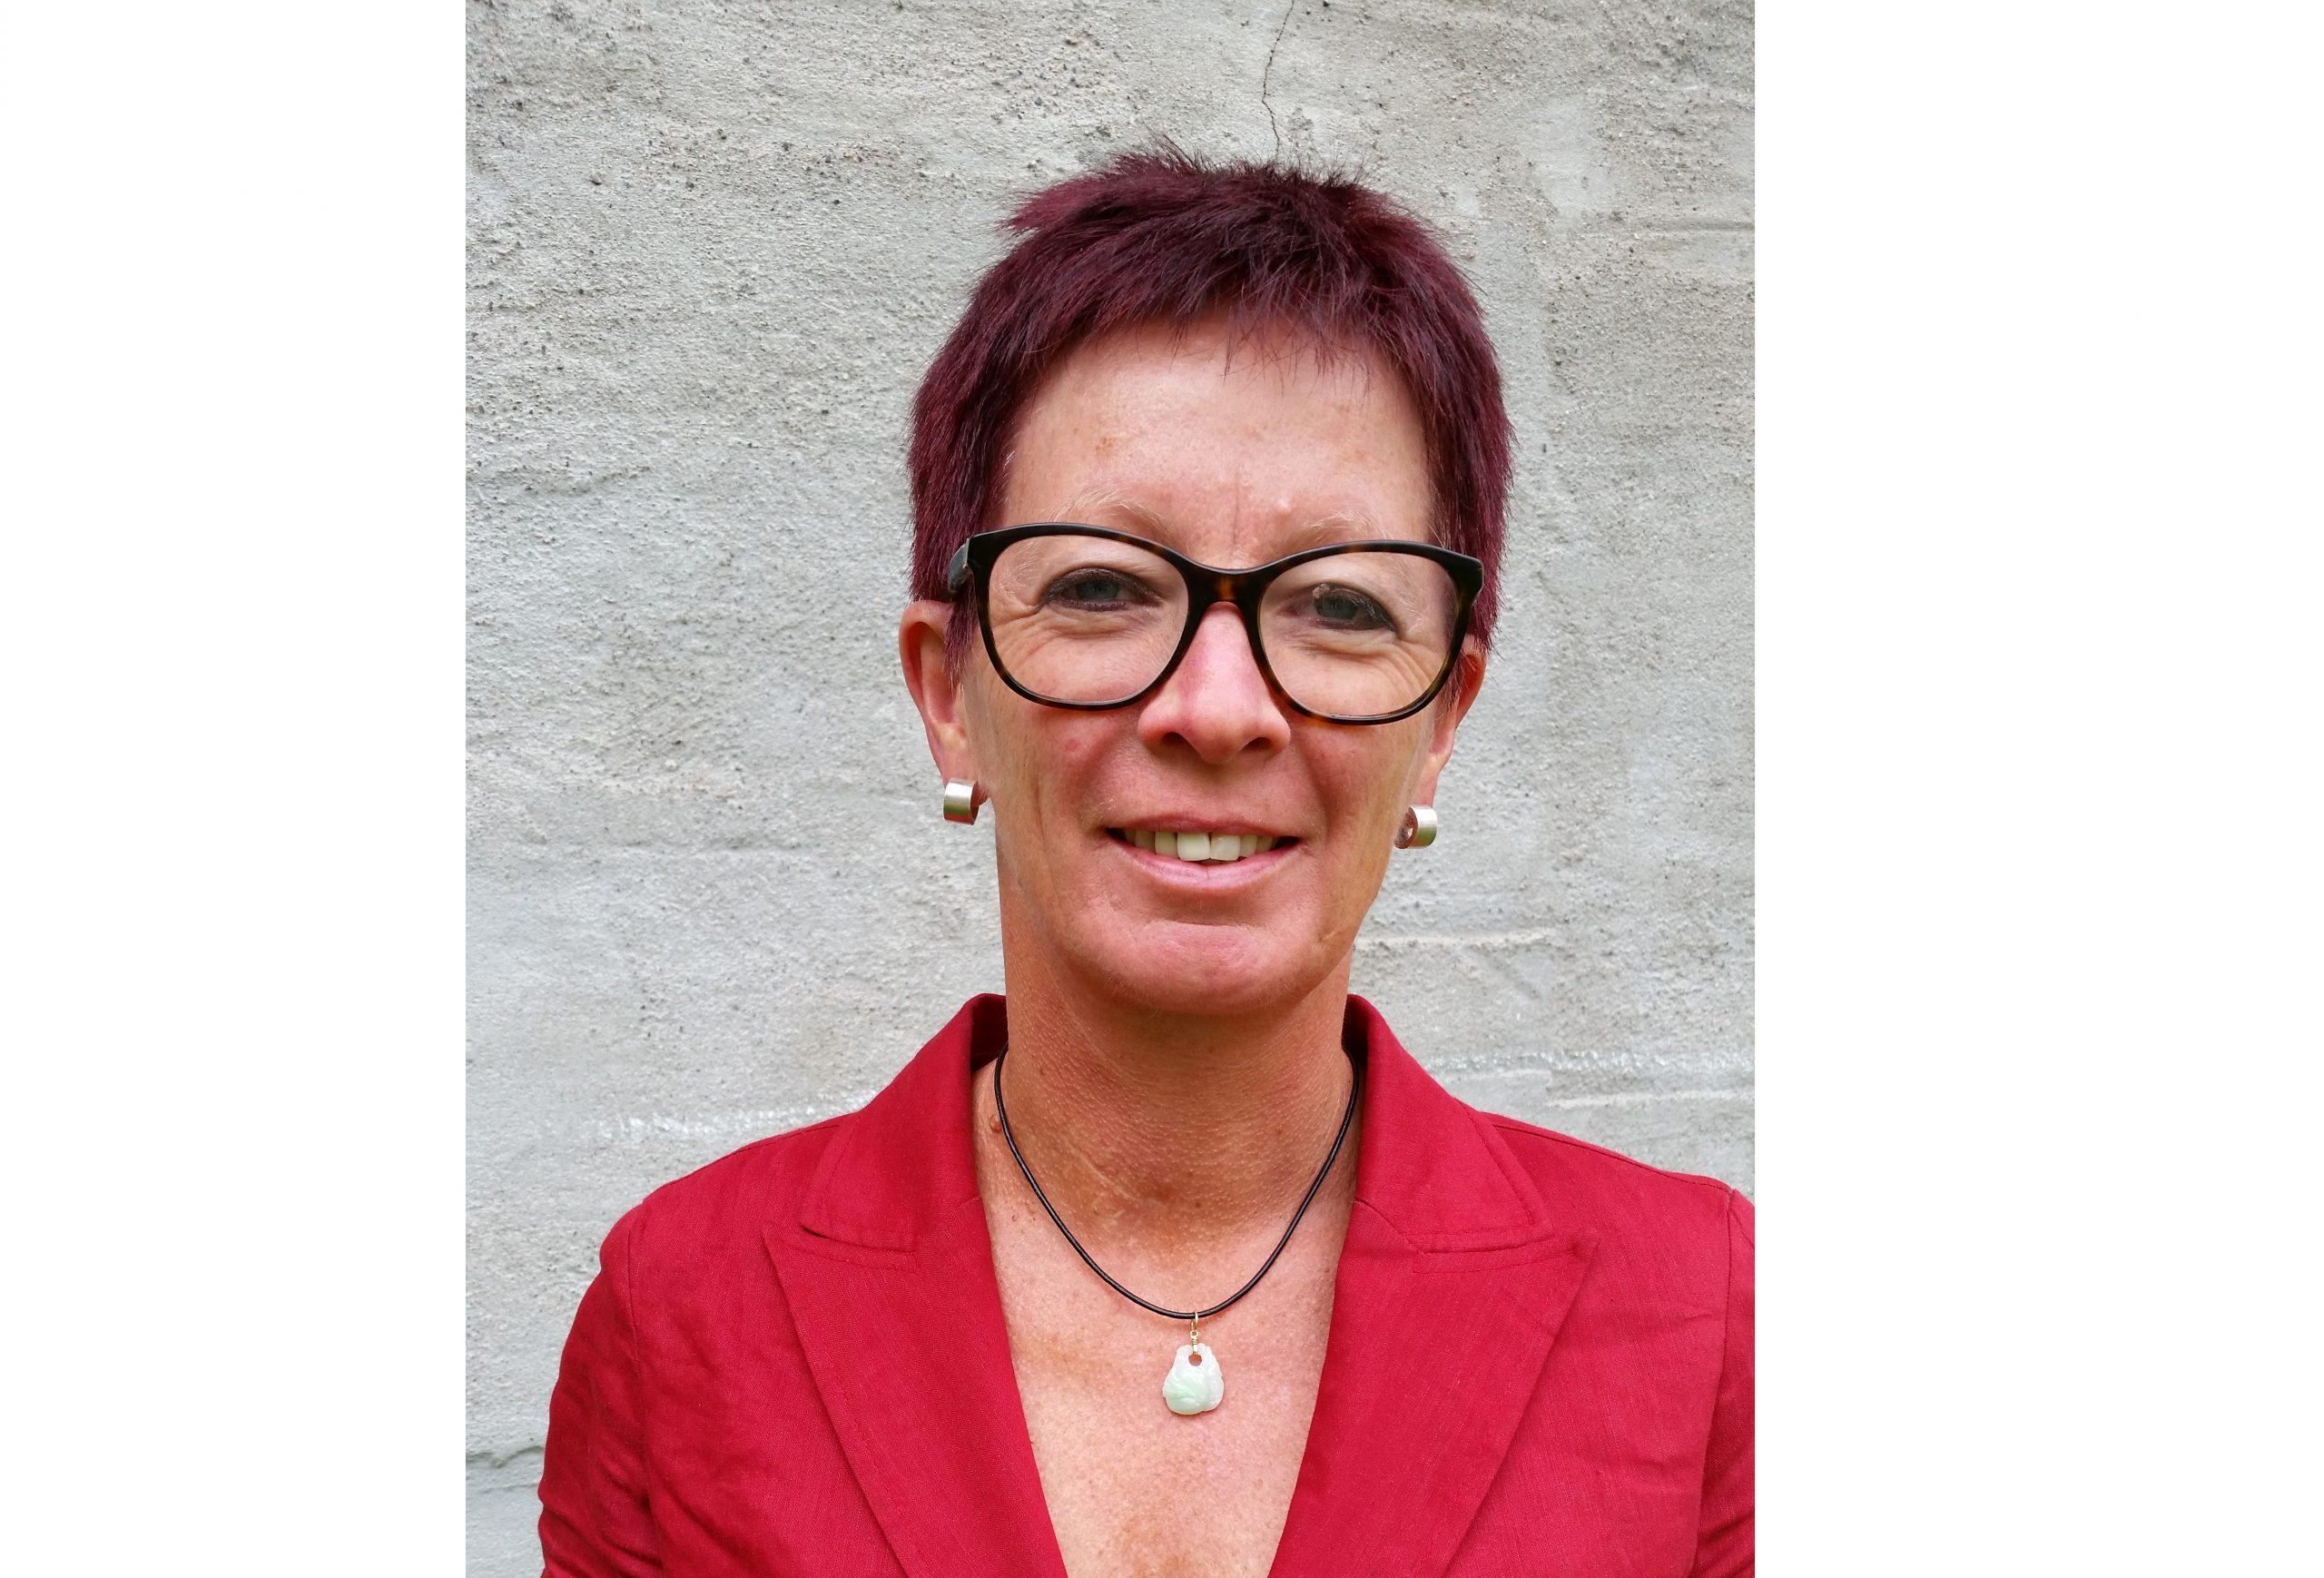 Porträtt på Liv Ramskjær, generalsekreterare för Norges museumsförbund. Hon är klädd i rött och bär glasögon med mörka bågar.